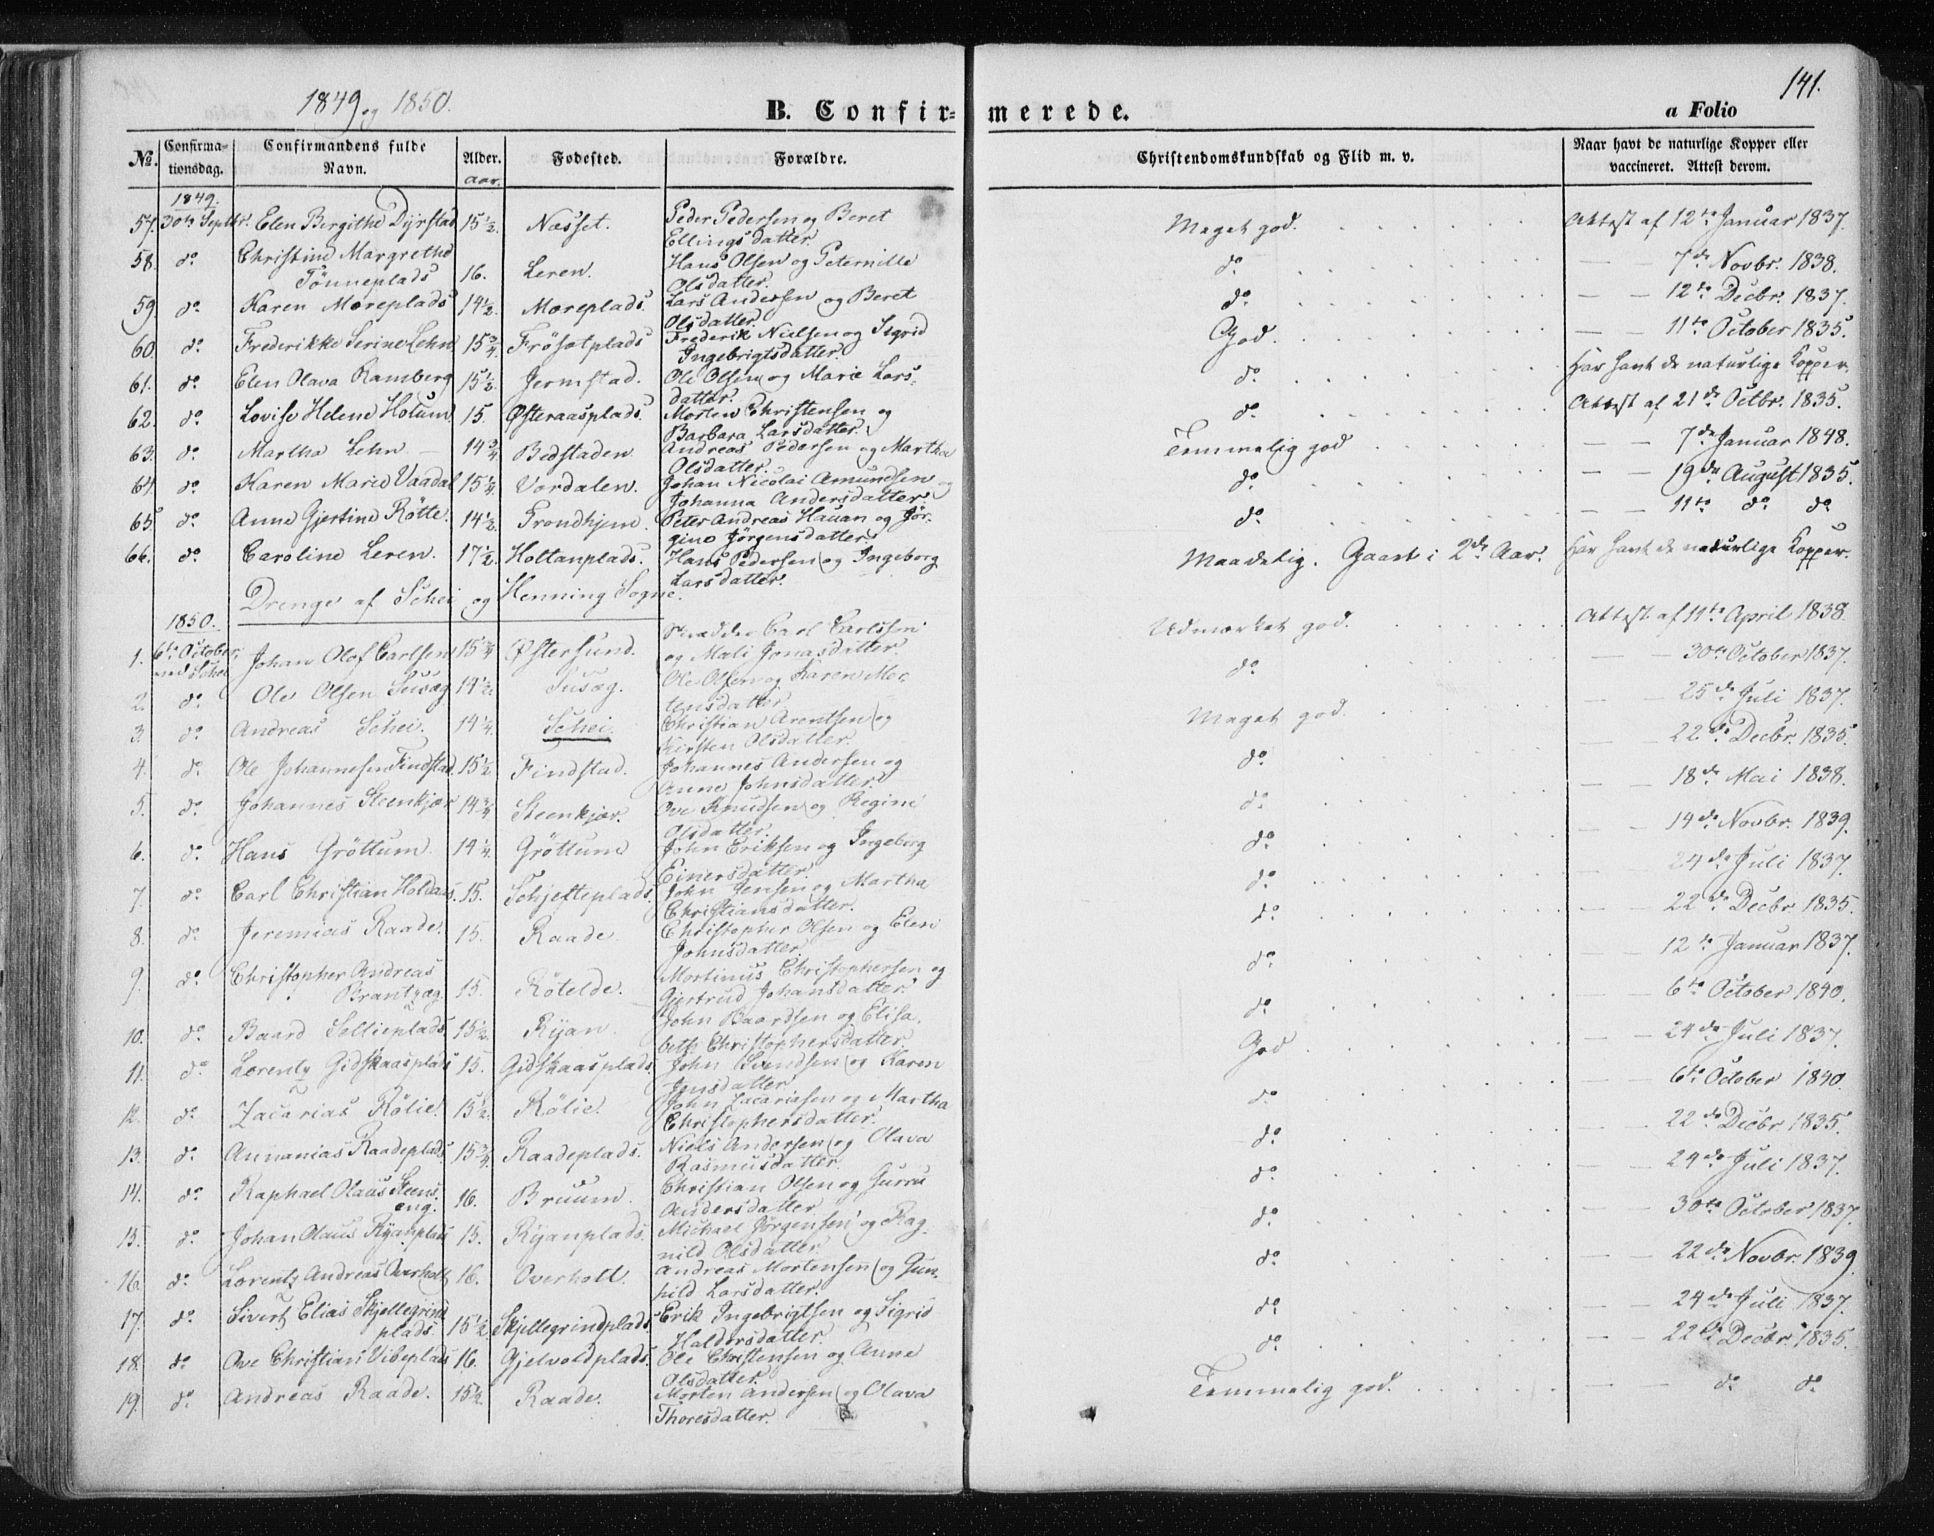 SAT, Ministerialprotokoller, klokkerbøker og fødselsregistre - Nord-Trøndelag, 735/L0342: Ministerialbok nr. 735A07 /1, 1849-1862, s. 141